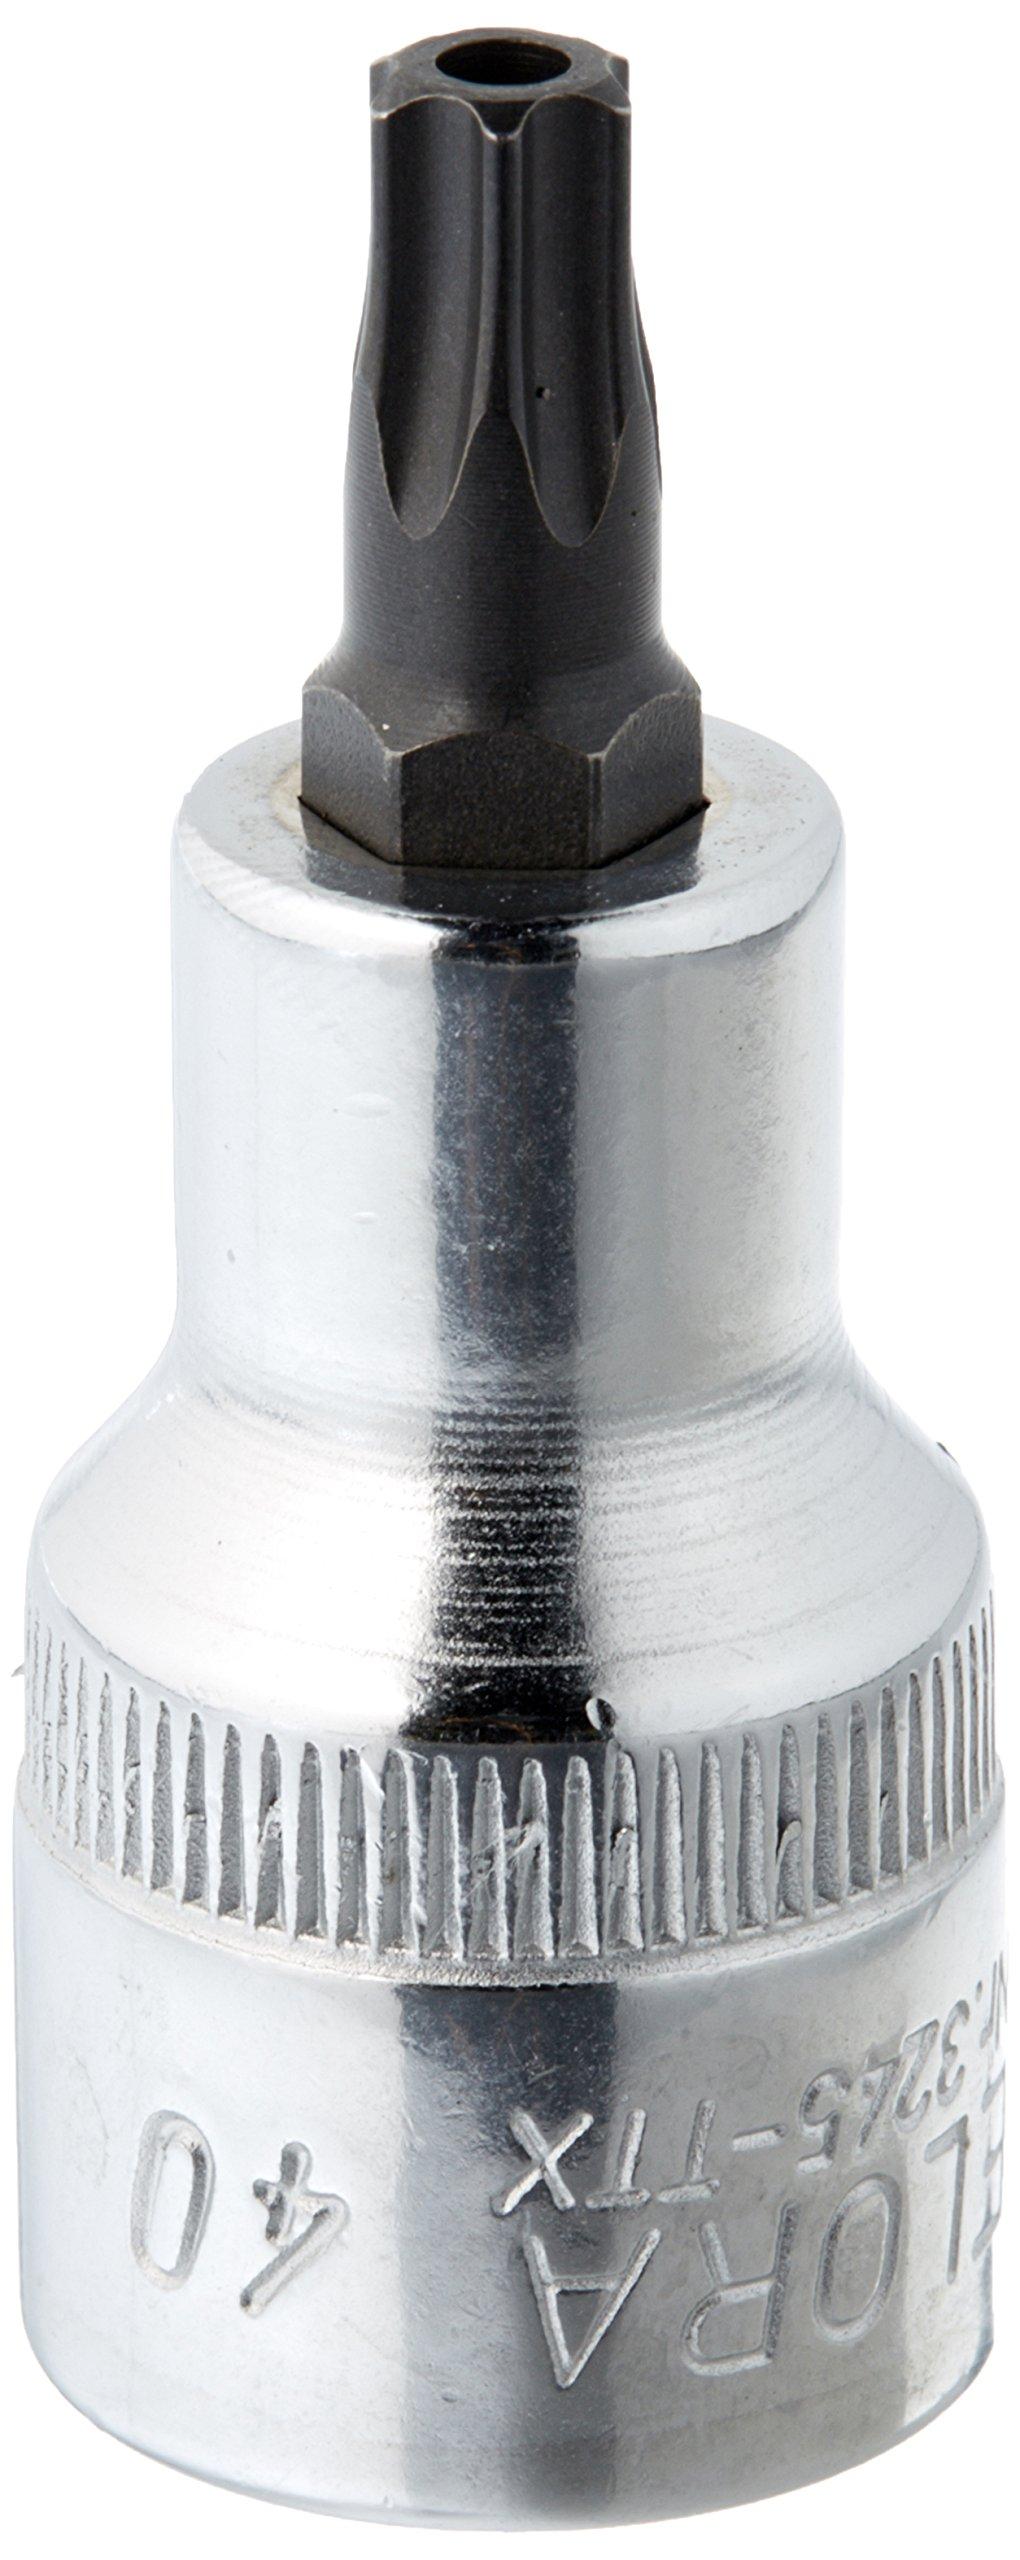 Elora 3245020401000 Screwdriver socket 1/2'' for TORX safety screws Size 40